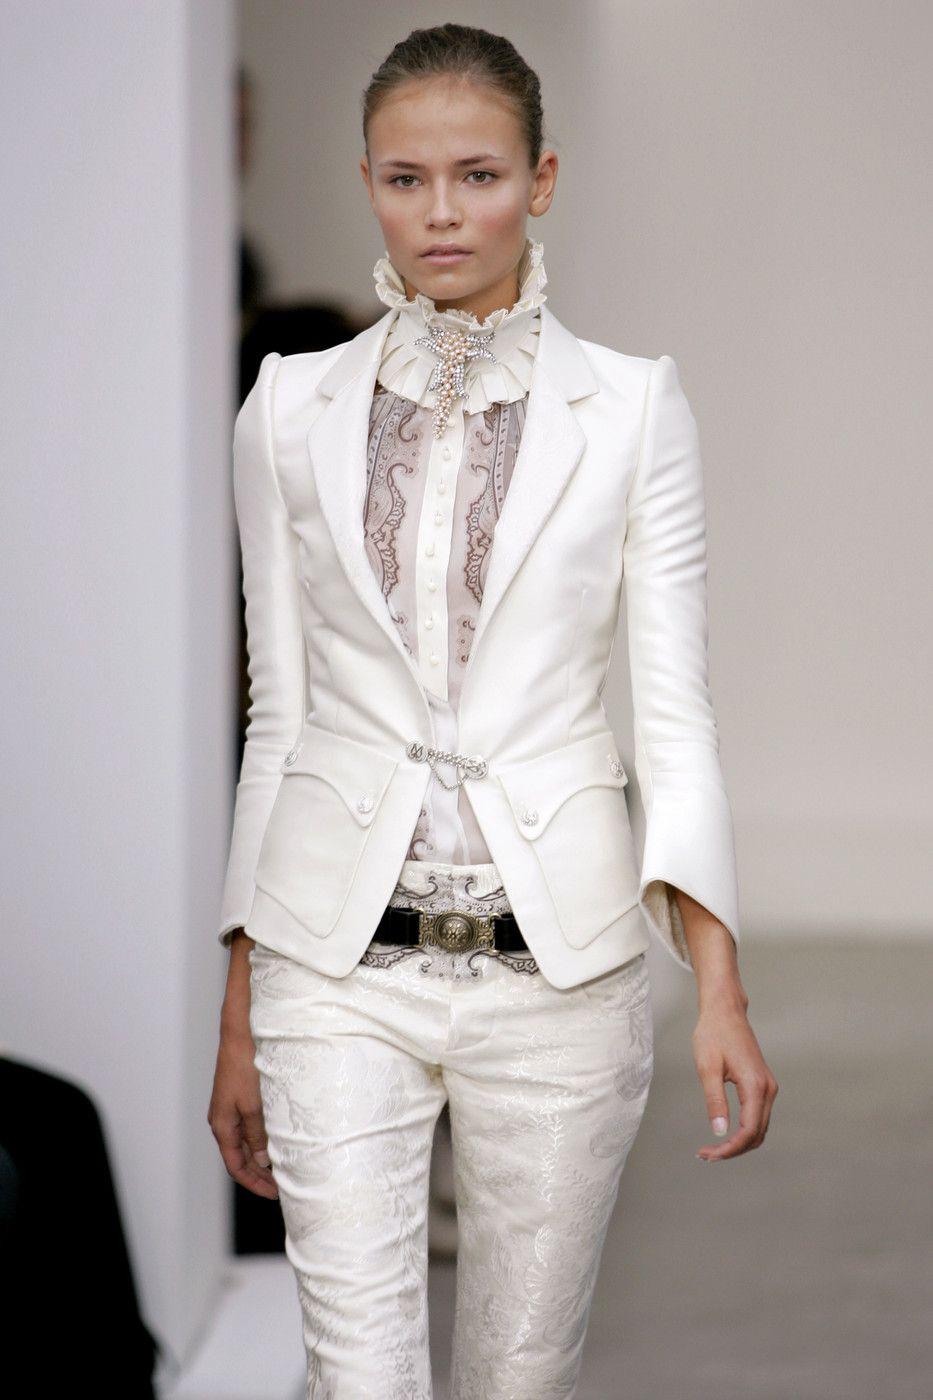 Photo of Balenciaga at Paris Fashion Week Spring 2006